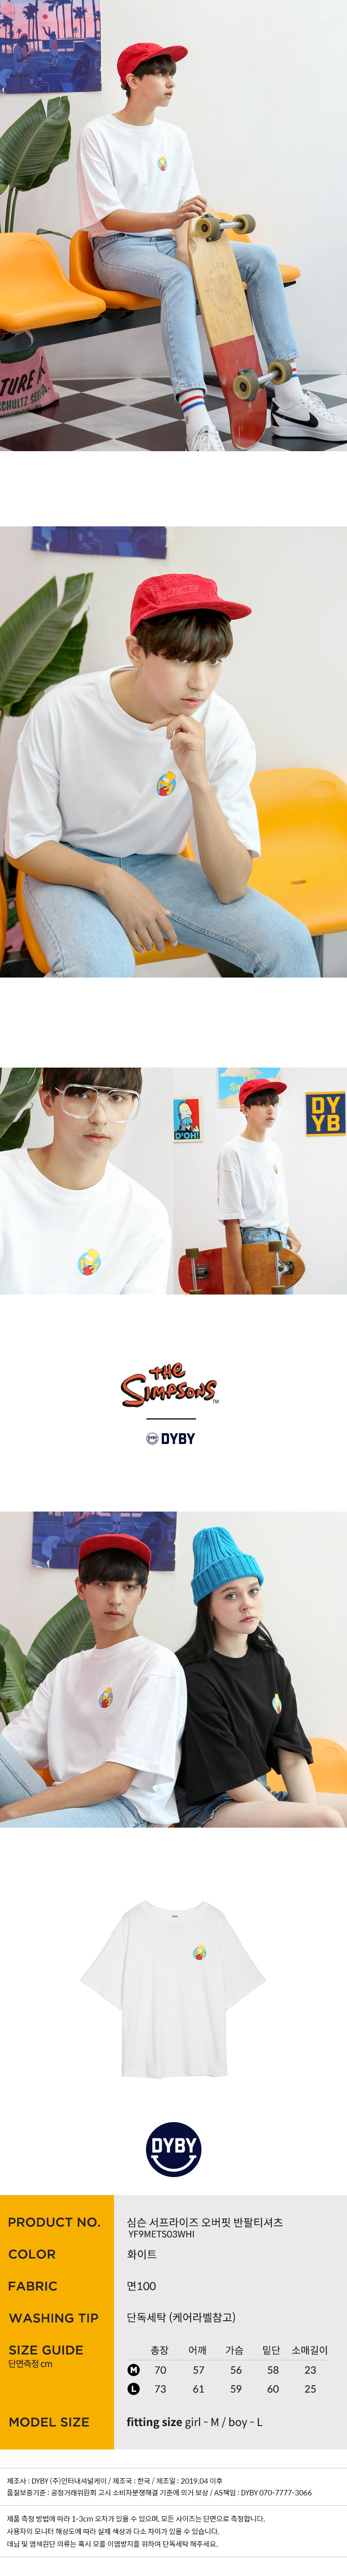 DYBY_detail_YF9METS03WHI_02.jpg